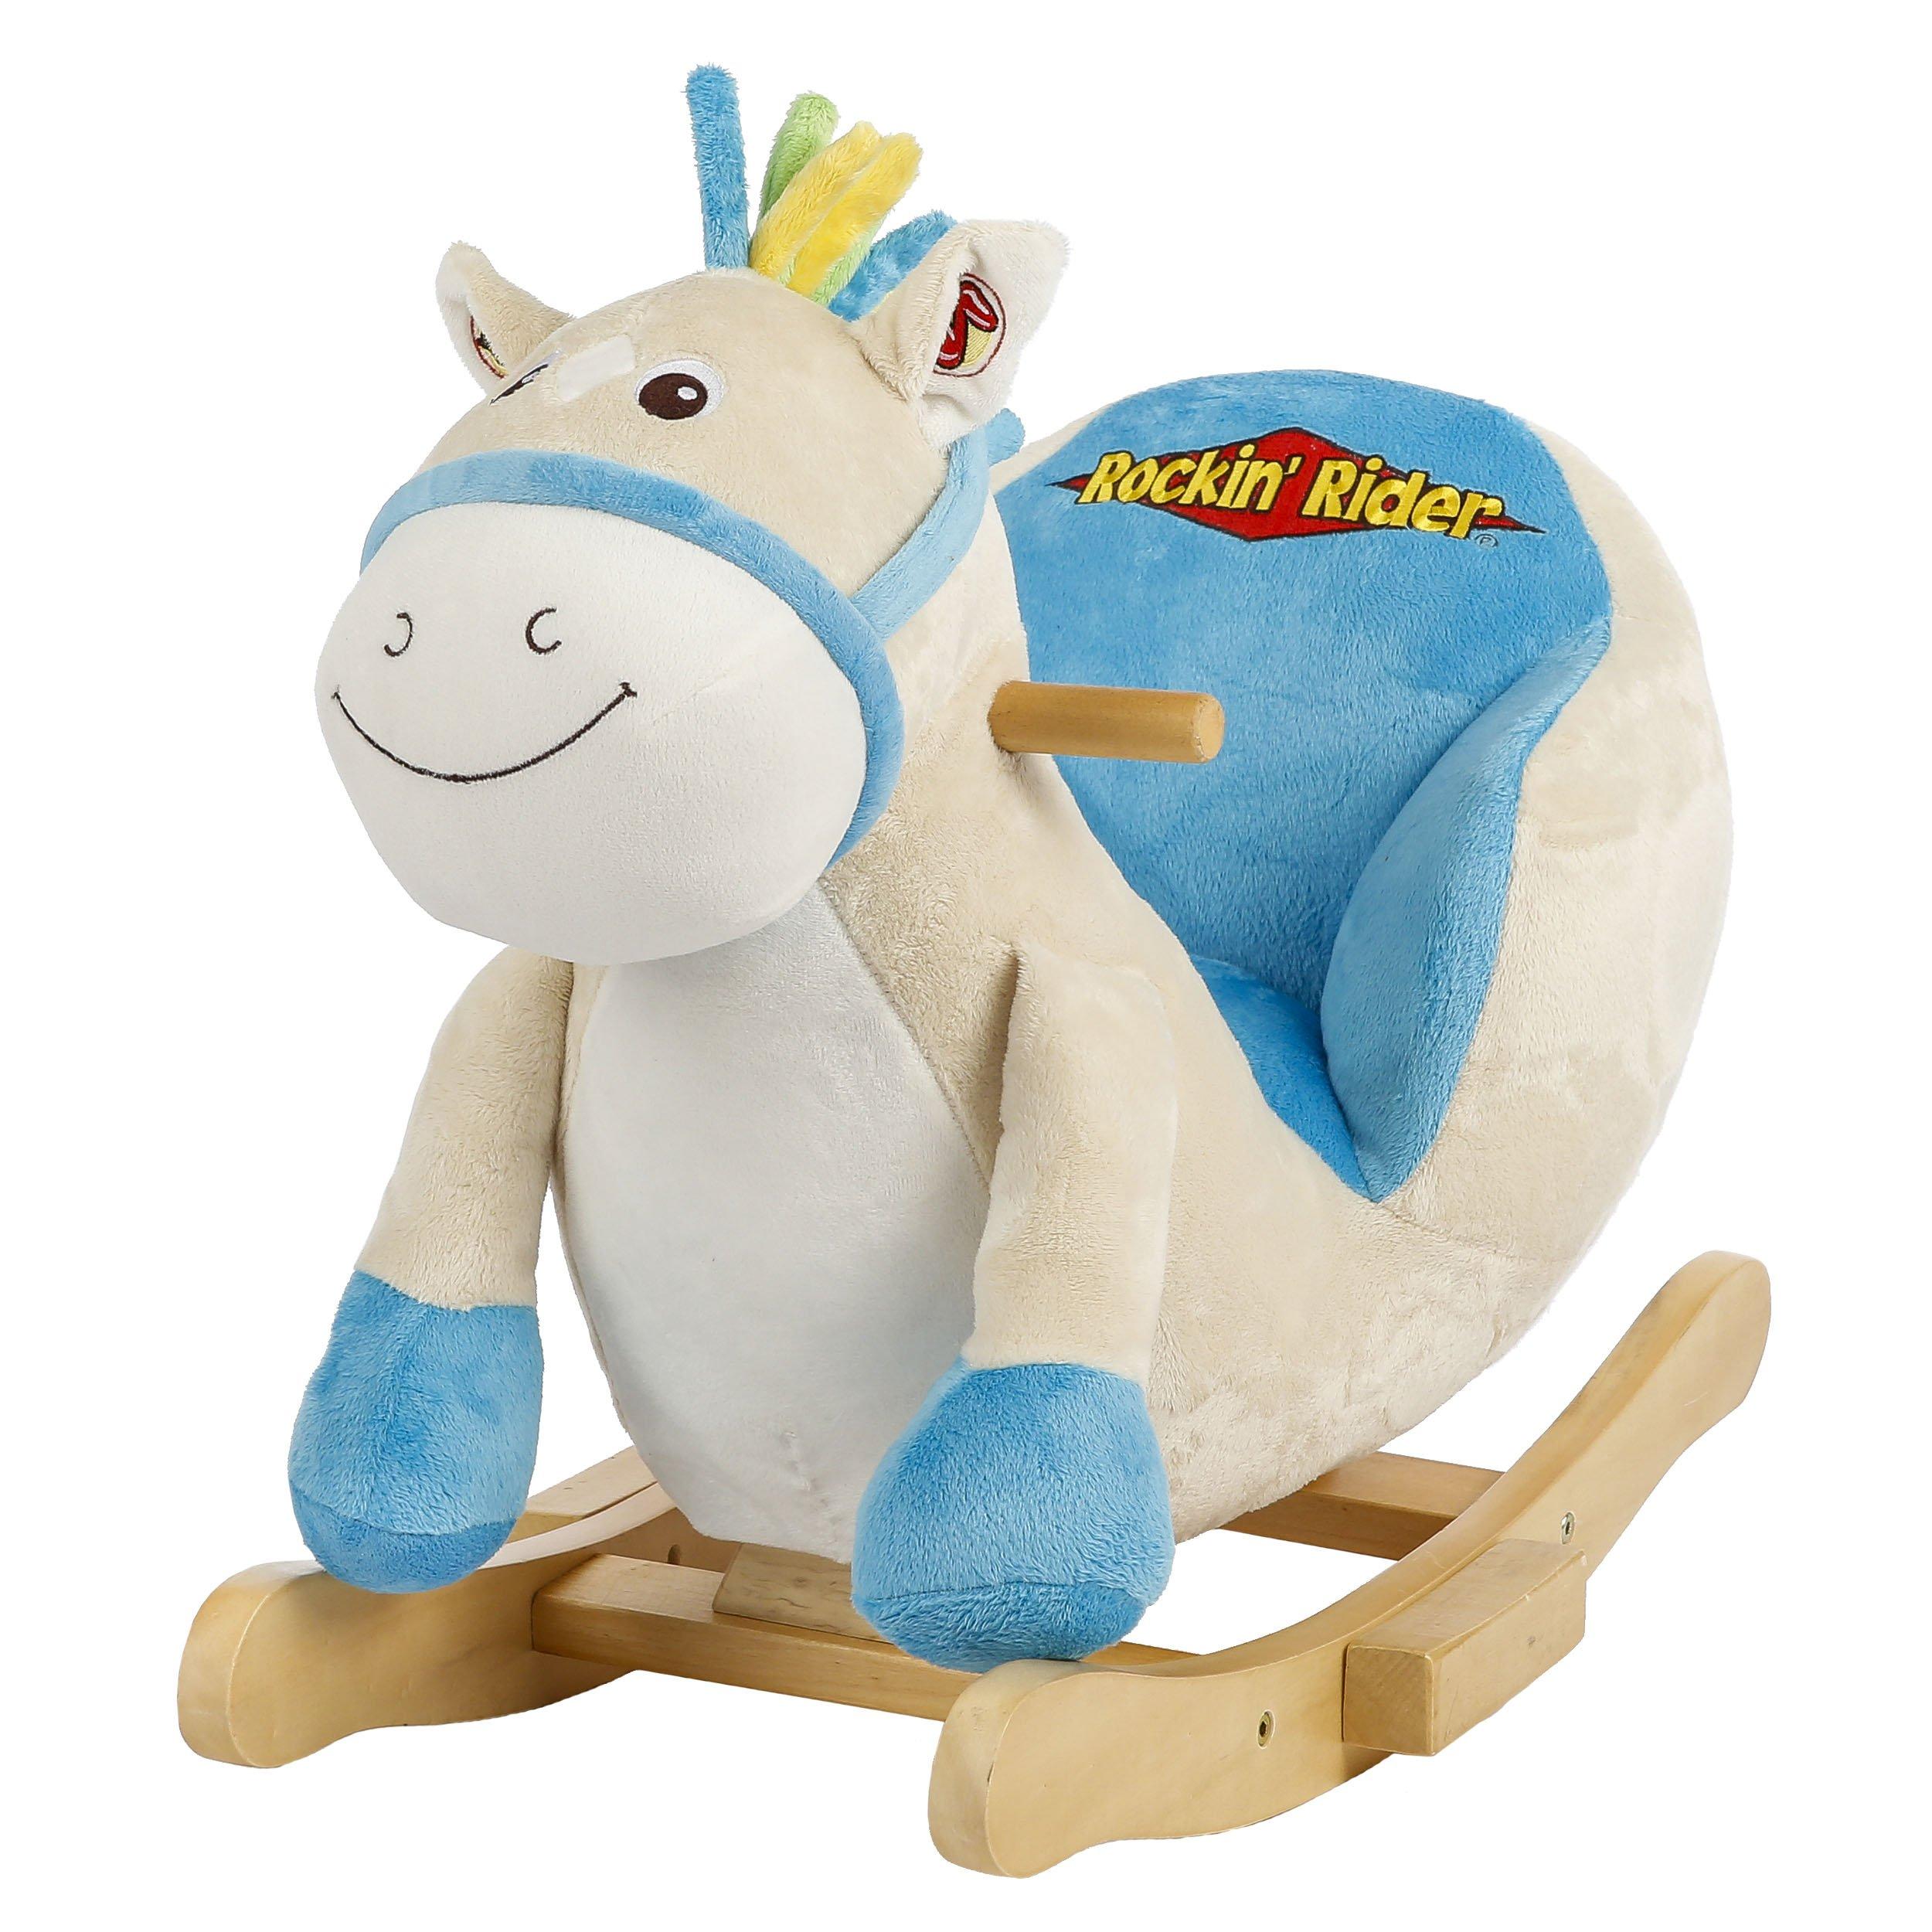 Rockin' Rider Tickles Baby Rocker Ride On